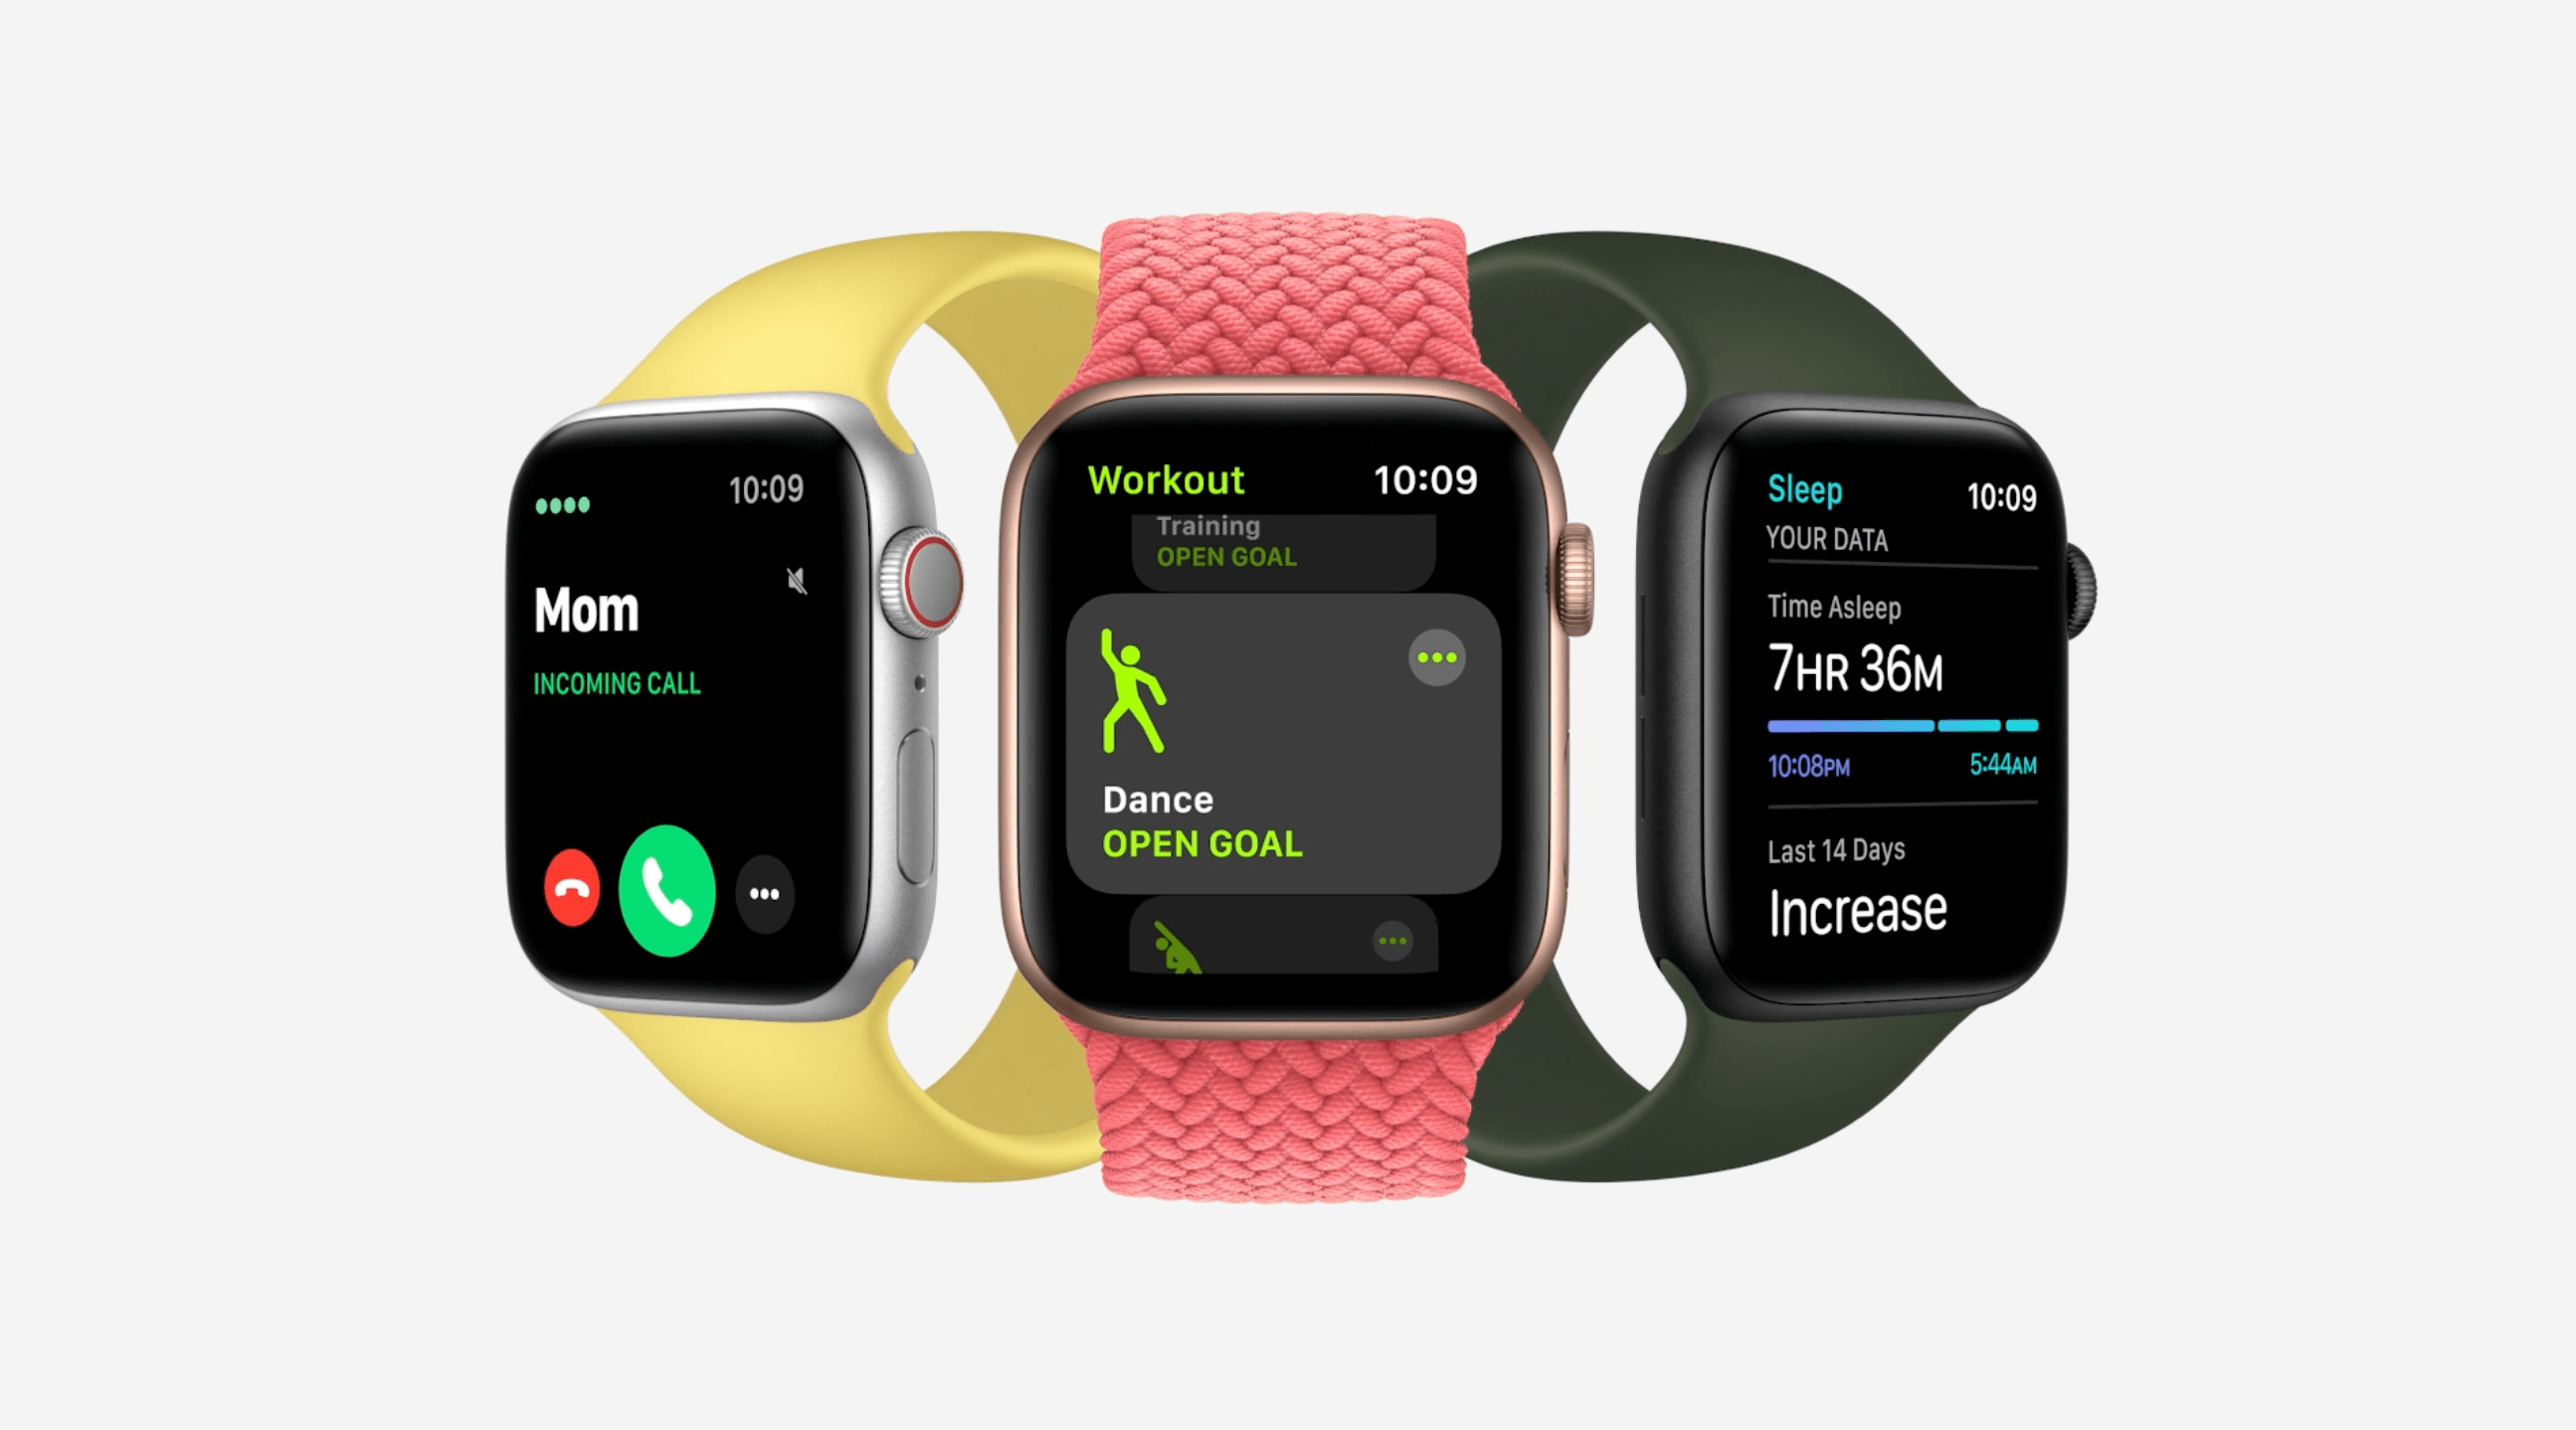 watchOS 7 теперь доступна для широкой публики с отслеживанием сна, совместным использованием циферблатов и т. д.